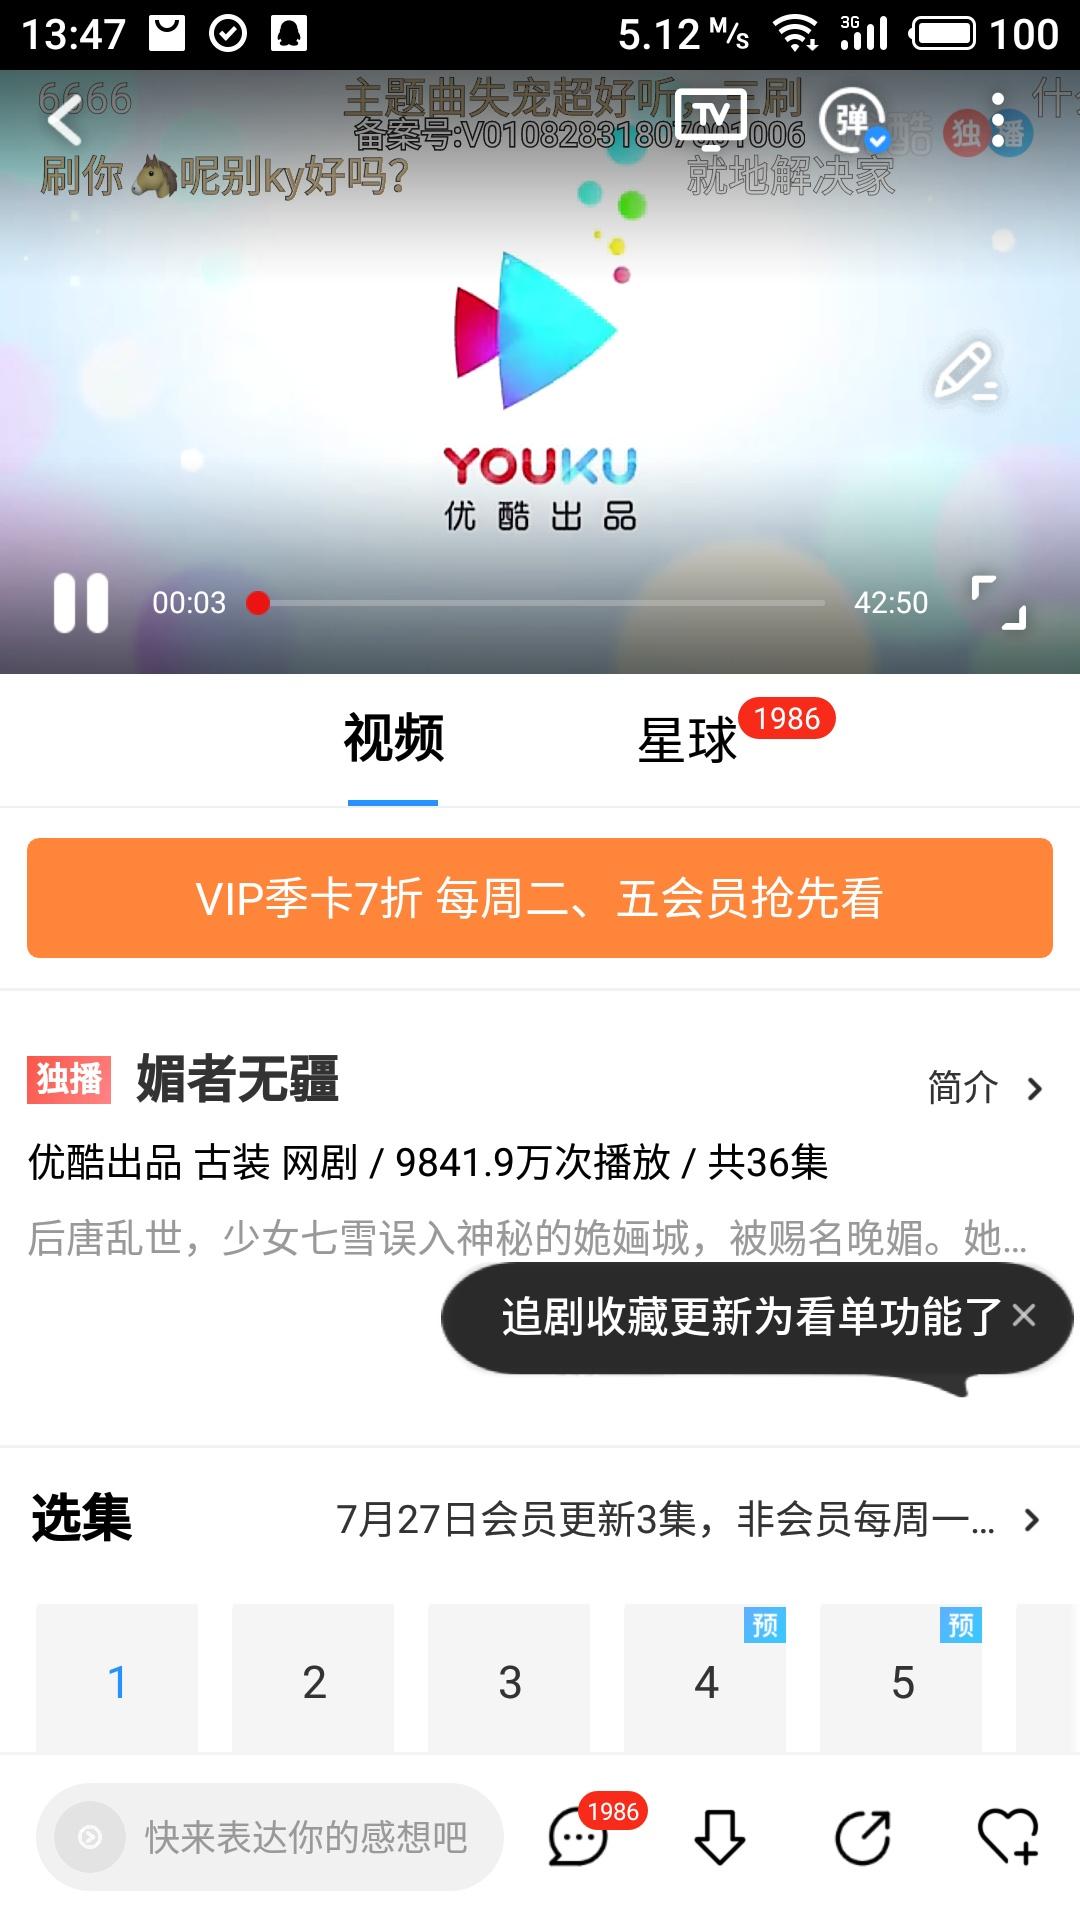 优酷视频 v7.4.0 Play商店版官方无广告纯净版-夜河资源网